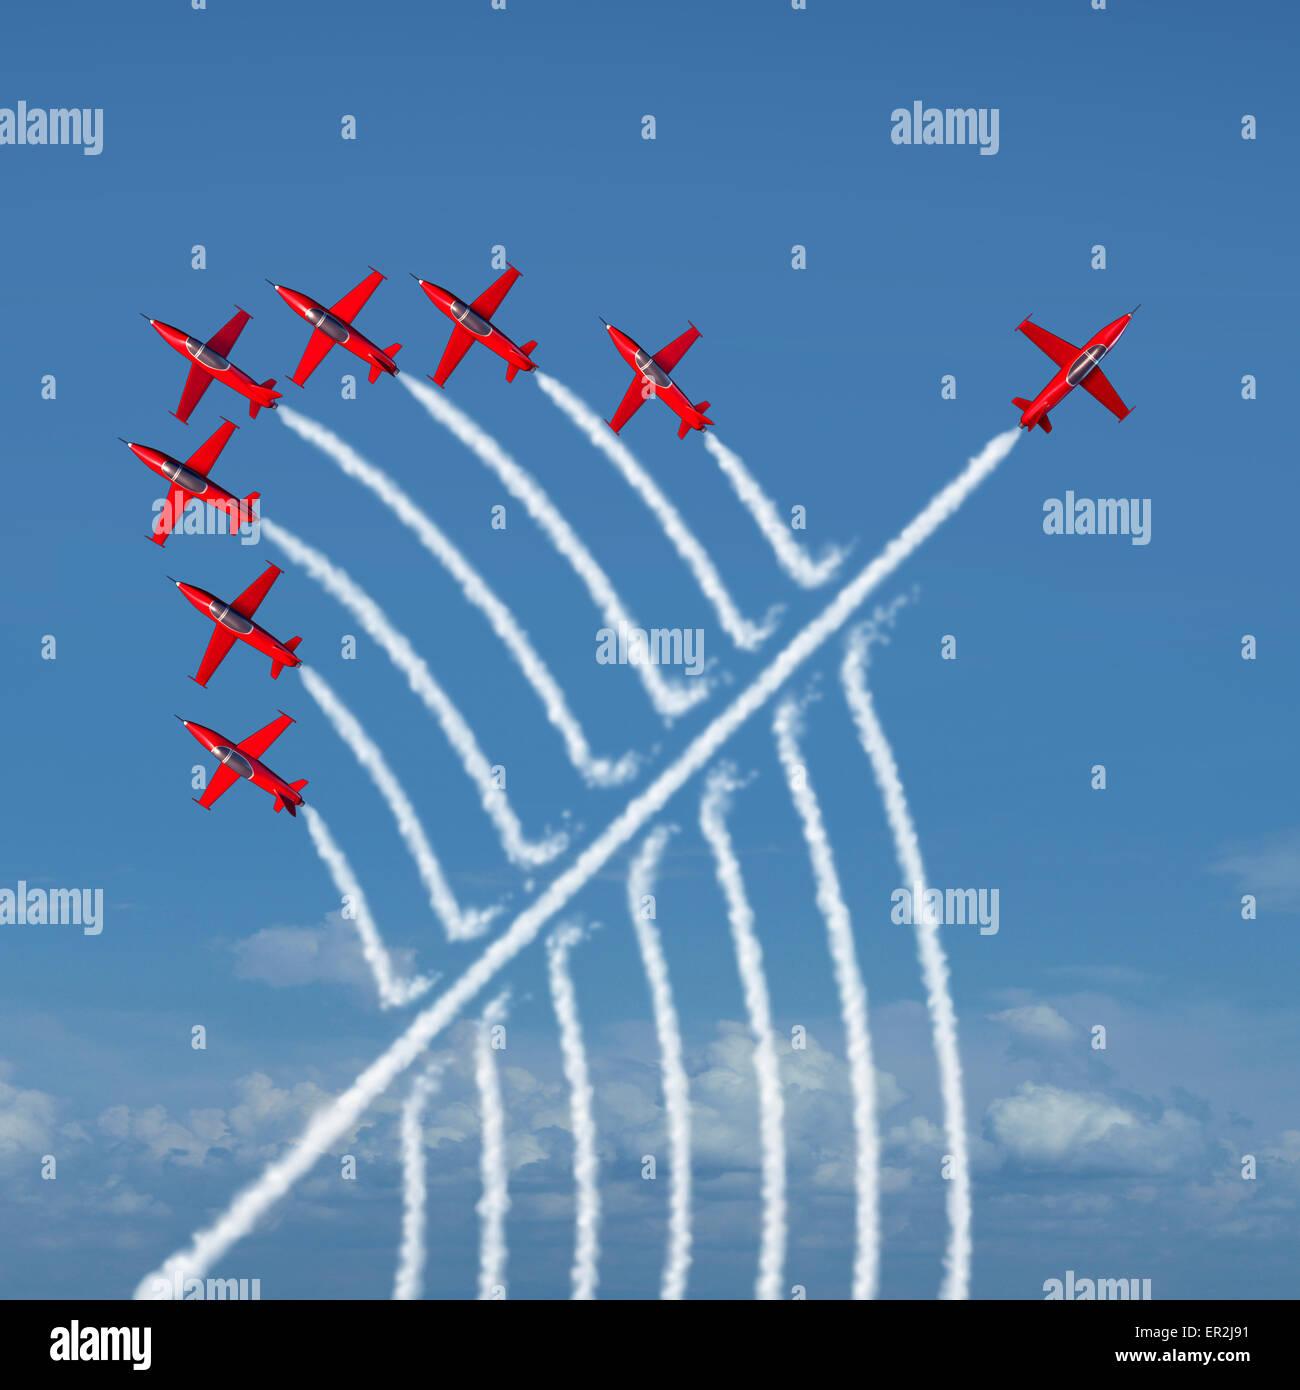 Innovazione dirompente indipendente il concetto di leadership e individualità come un gruppo di getti acrobatico Immagini Stock